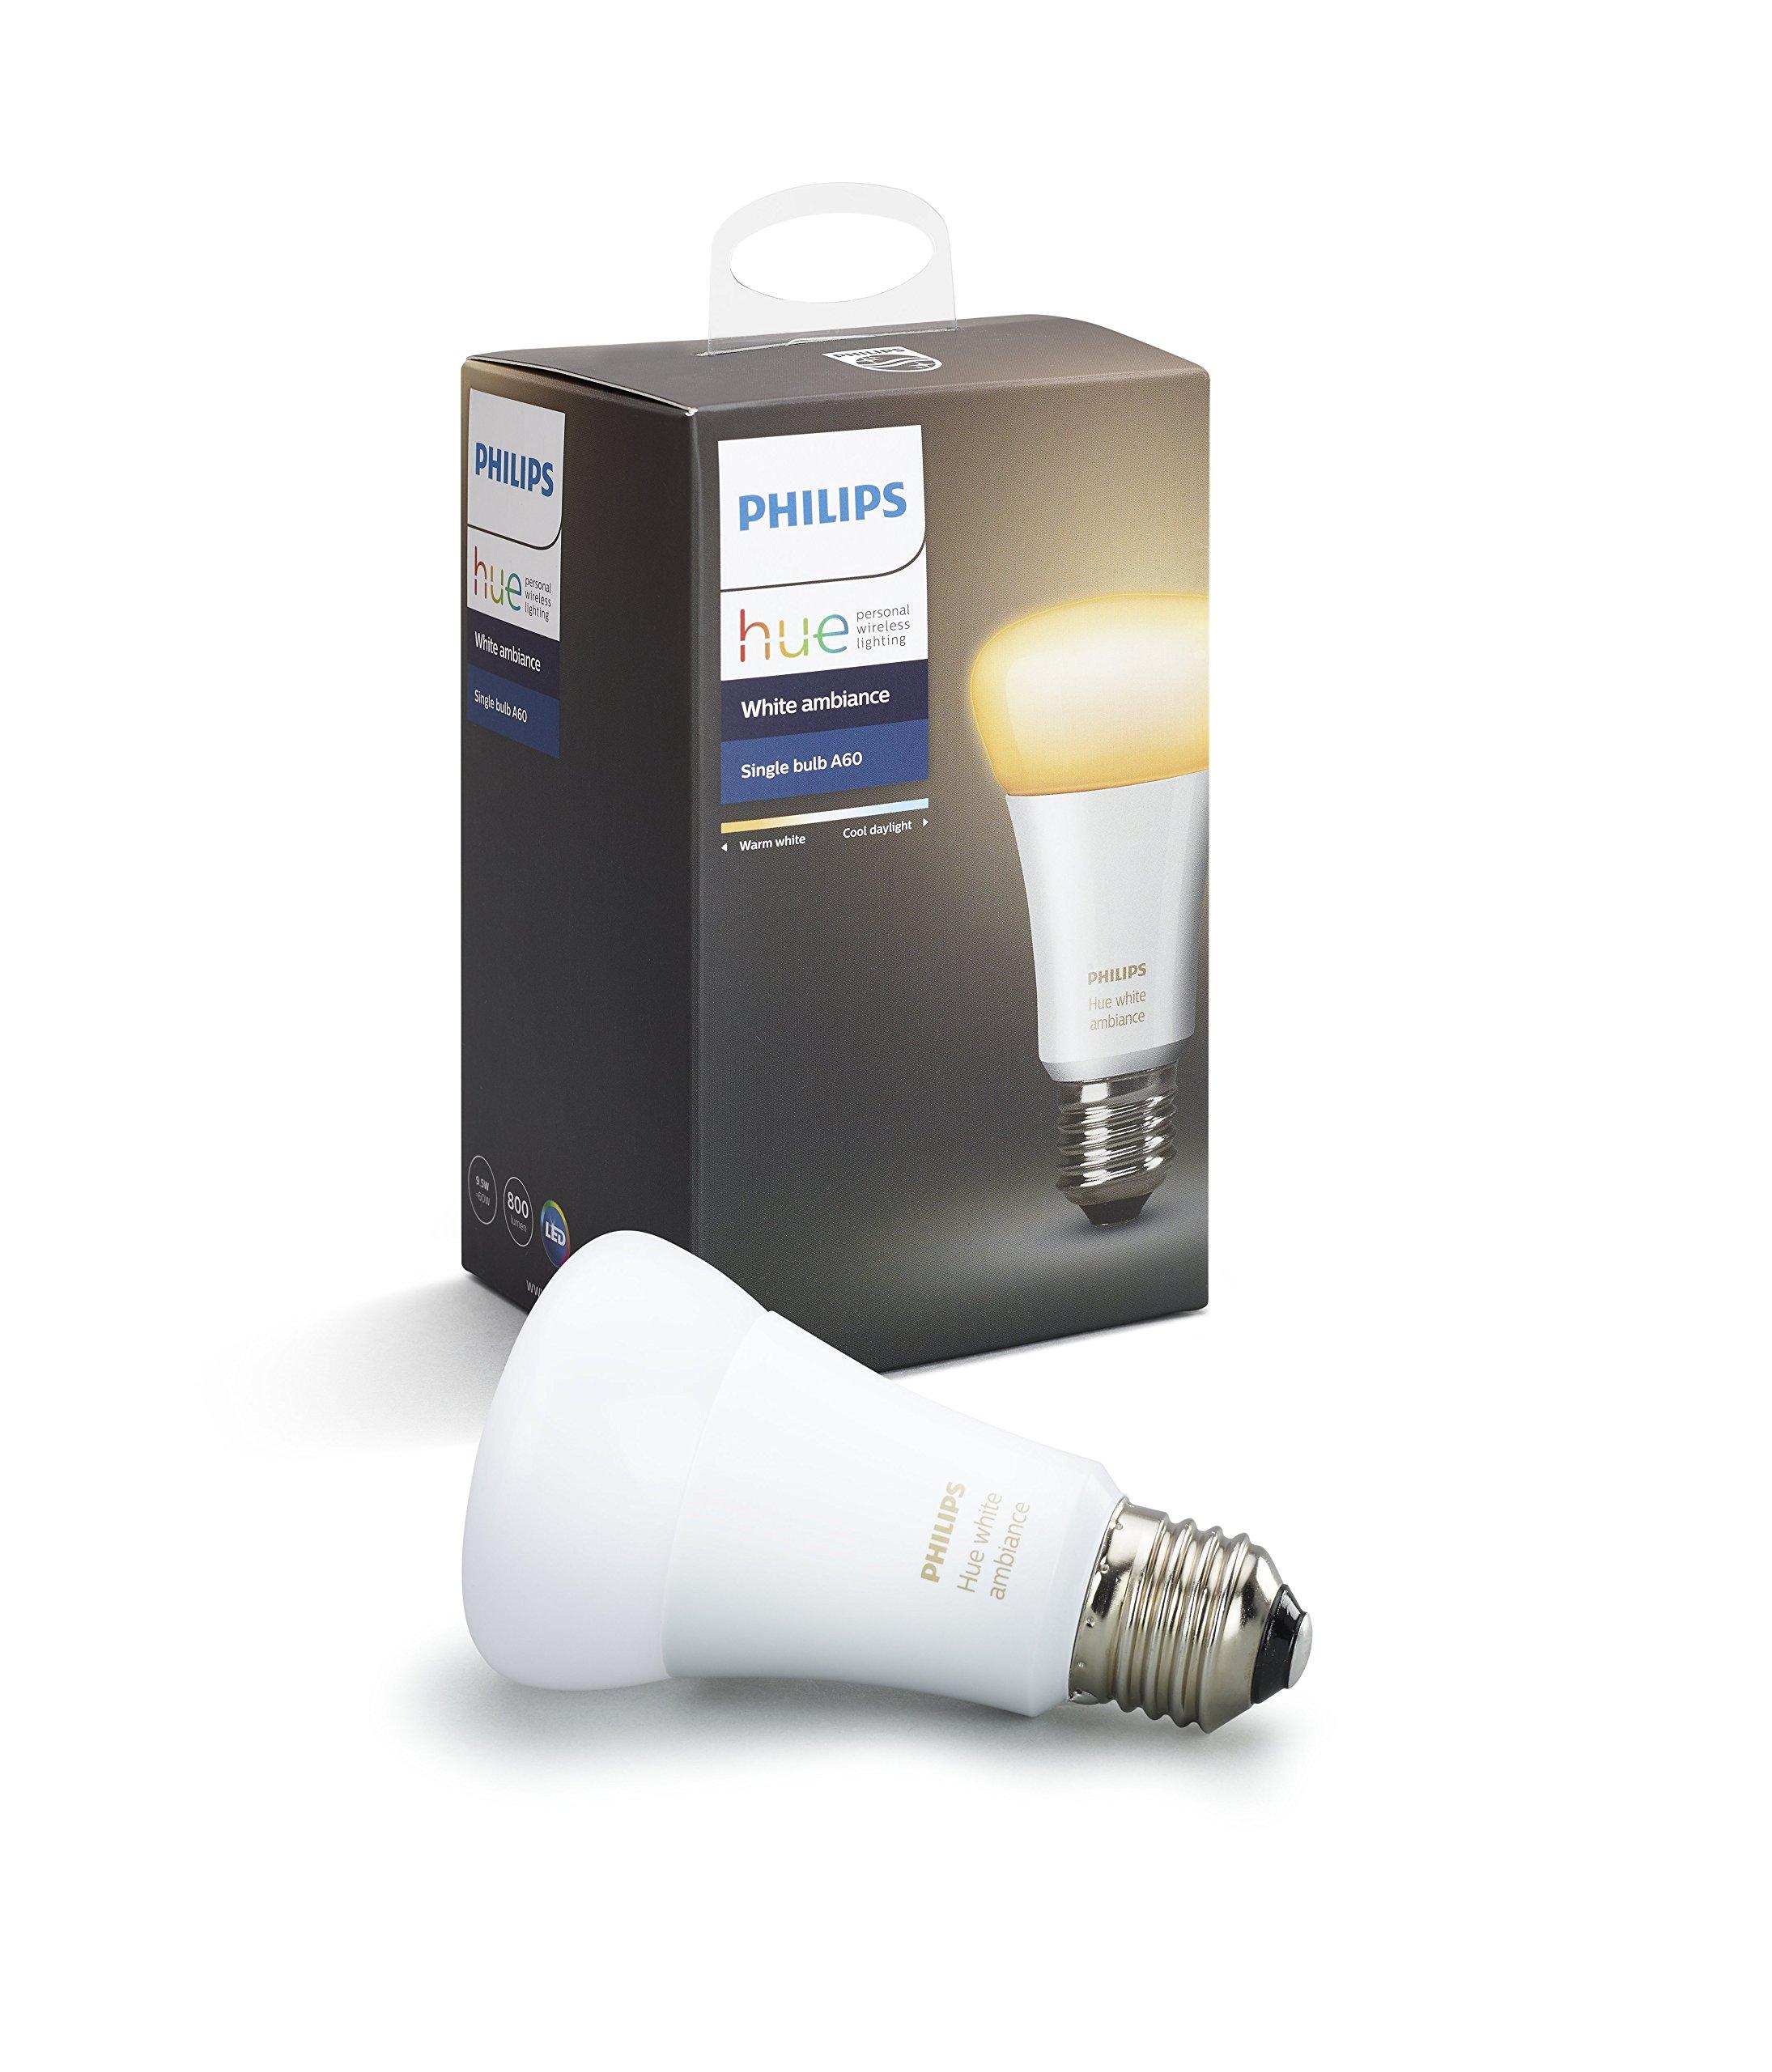 Philips Hue(ヒュー) ホワイトグラデーション シングルランプ 口金直径26mm 【Works with Alexa認定製品】